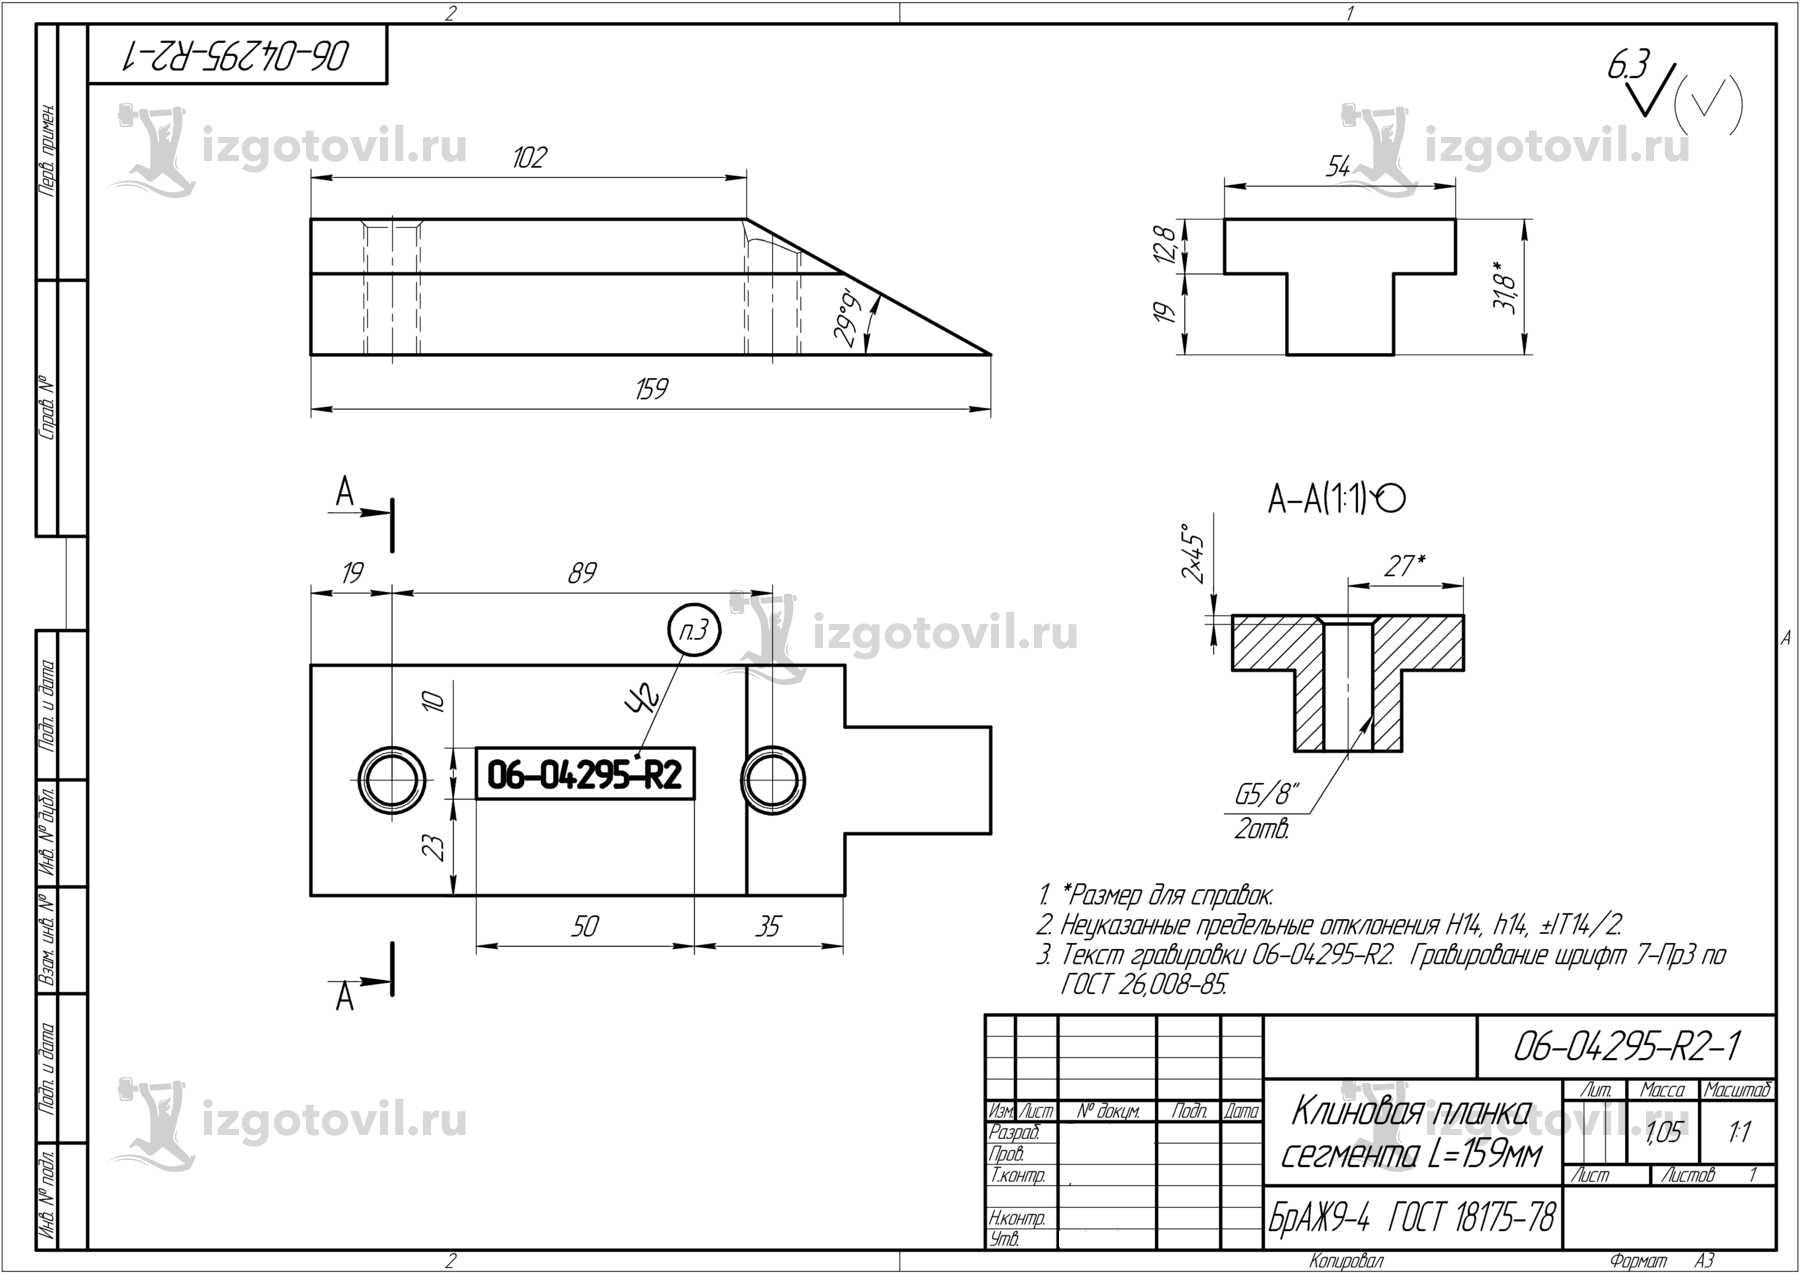 Изготовление деталей по чертежам:  корпусов, планок, рычагов